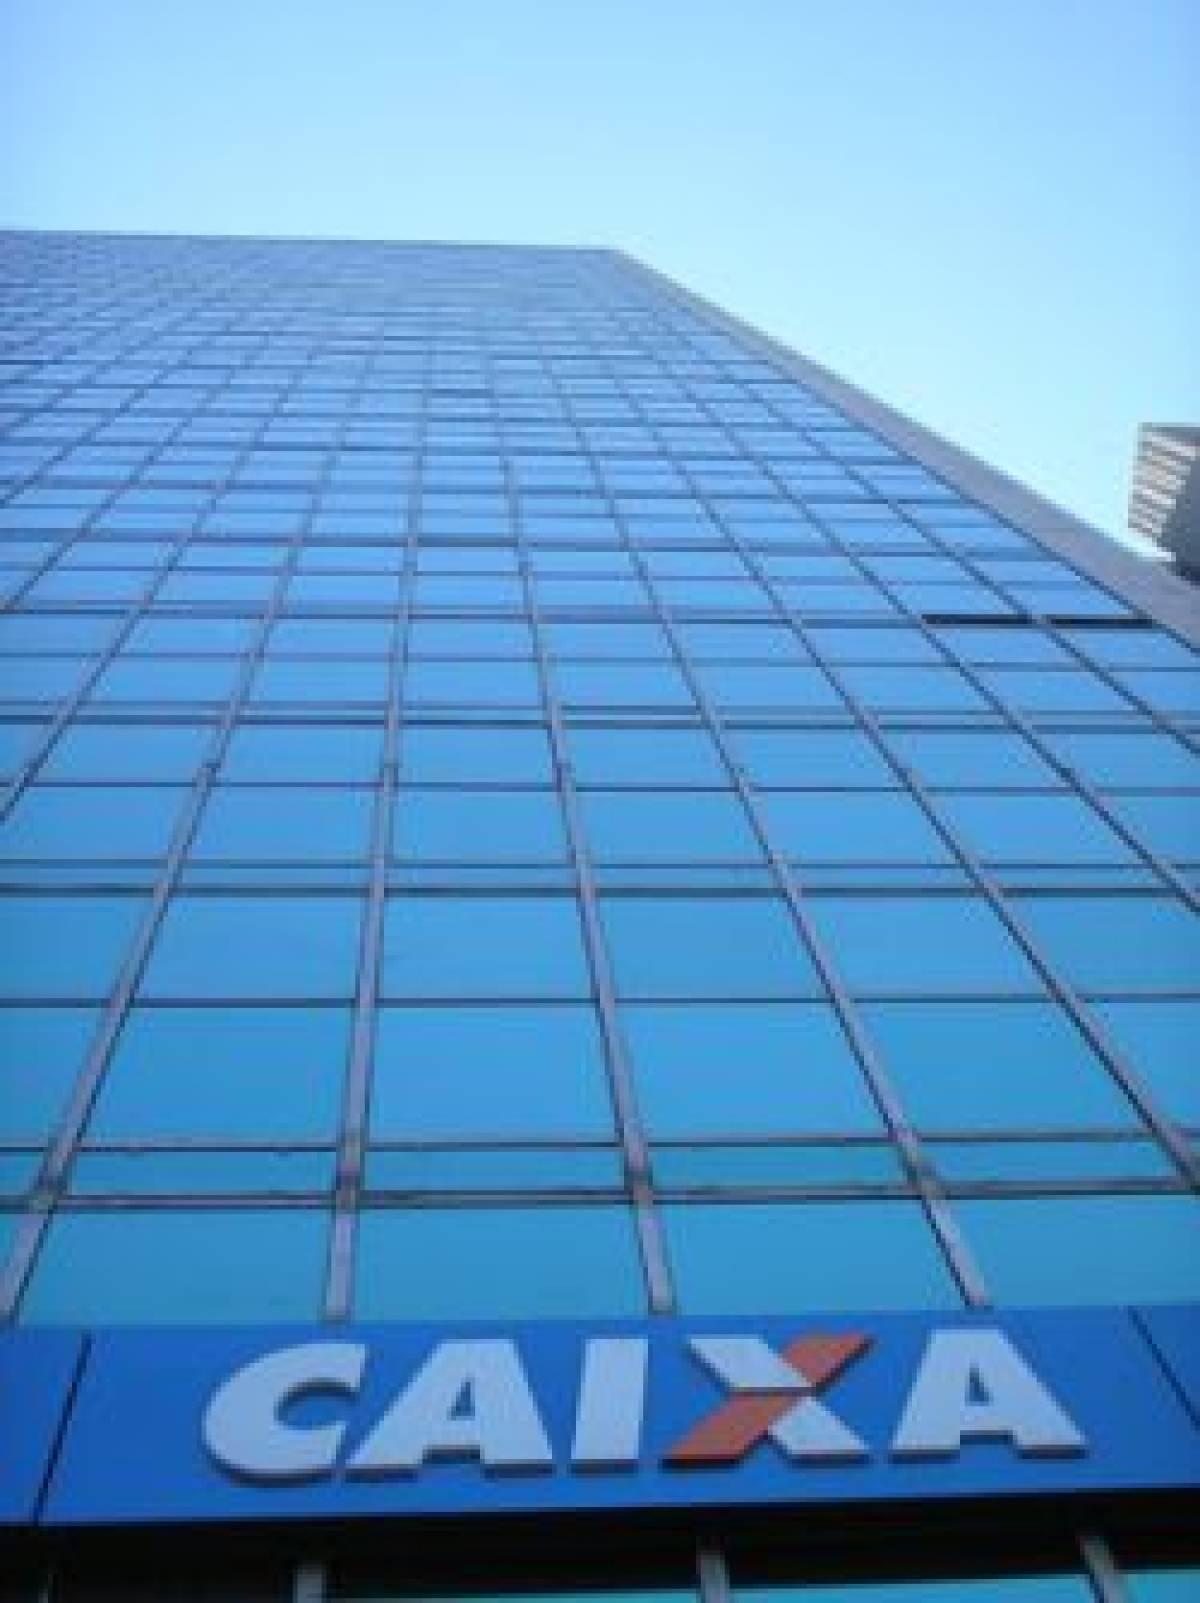 Lucro da Caixa cresce 4,5% no 1º trimestre e alcança R$ 812,4 milhões